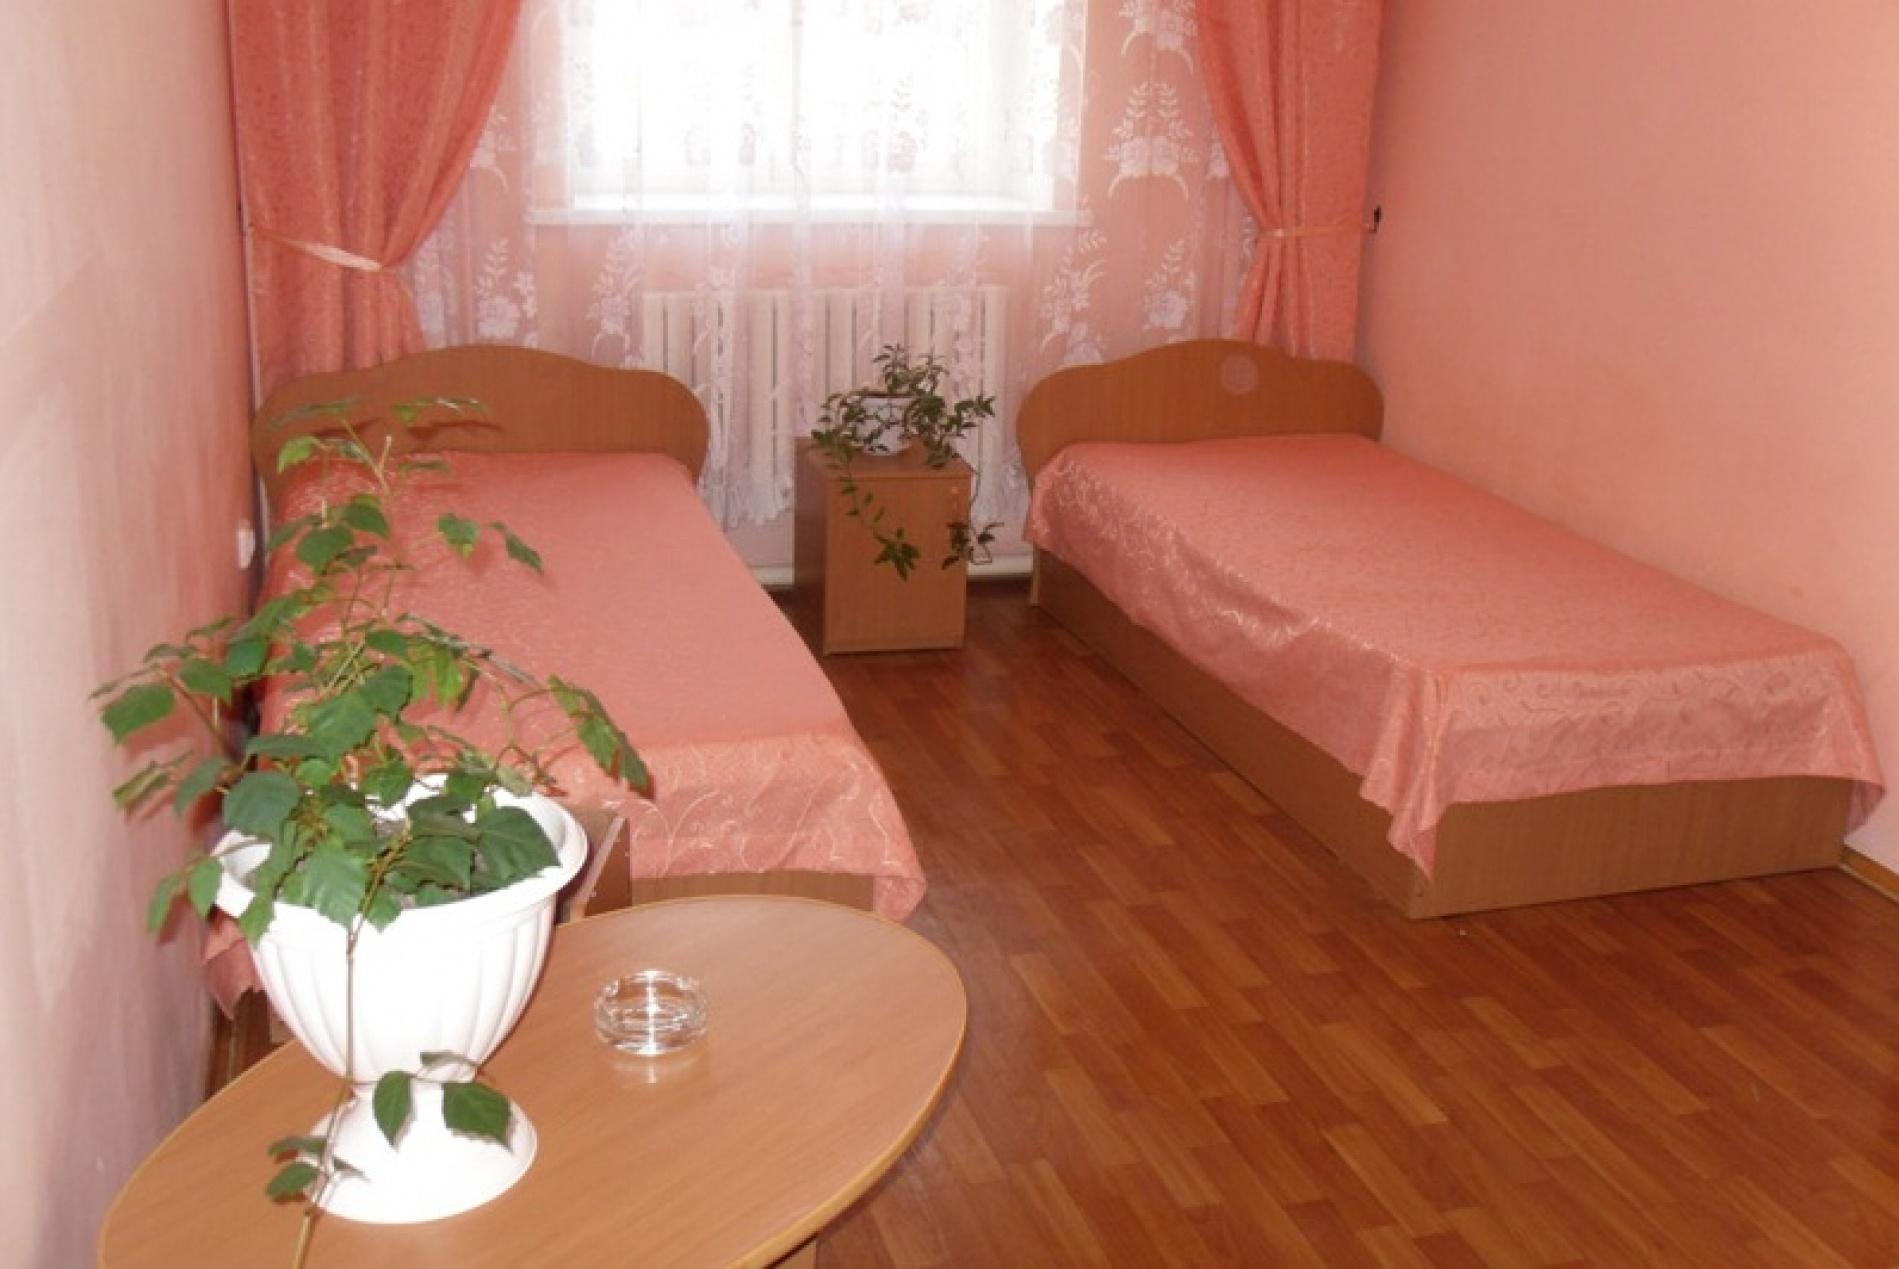 """База отдыха """"Майорка"""" Оренбургская область Номер 4-местный 2-комнатный , фото 2"""